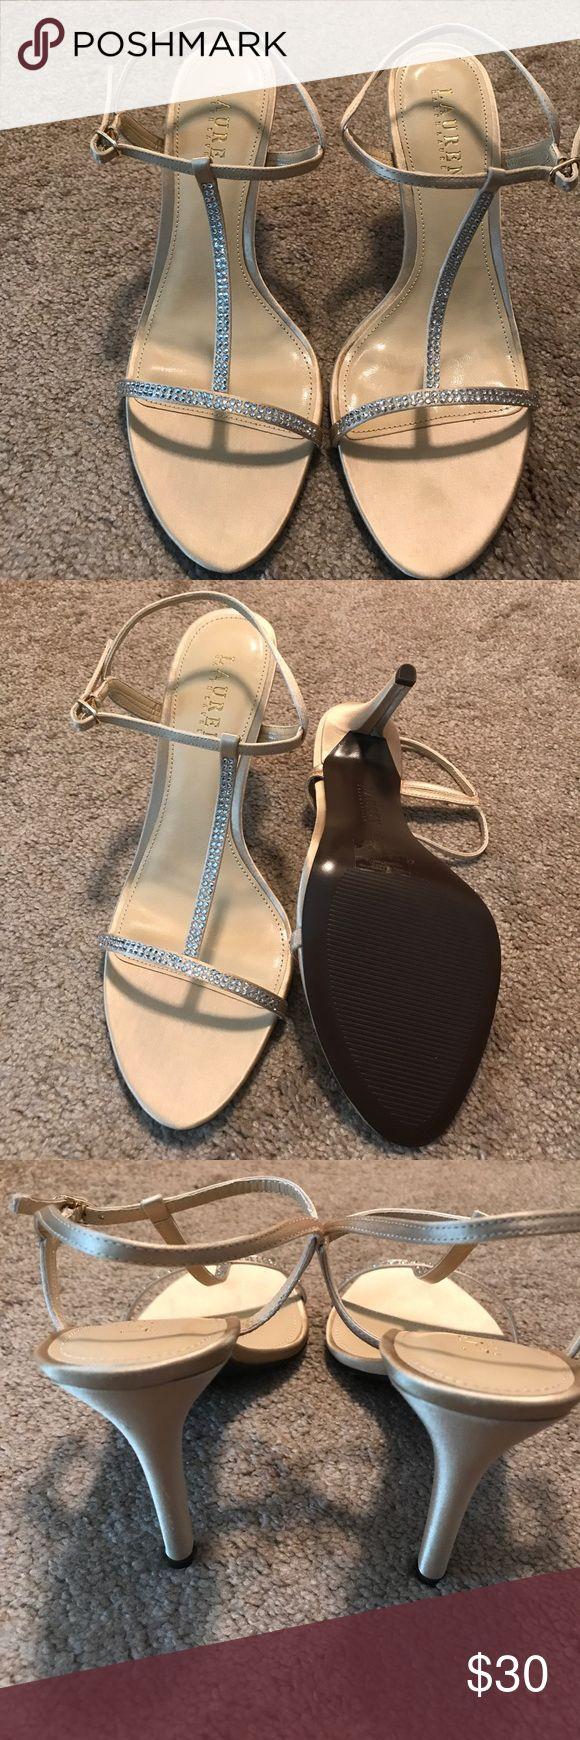 Gold Studded Ralph Lauren Heels Size 8.5 Beautiful gold studded never worn Ralph Lauren heels ready for summer dinner dress! Ralph Lauren Shoes Heels